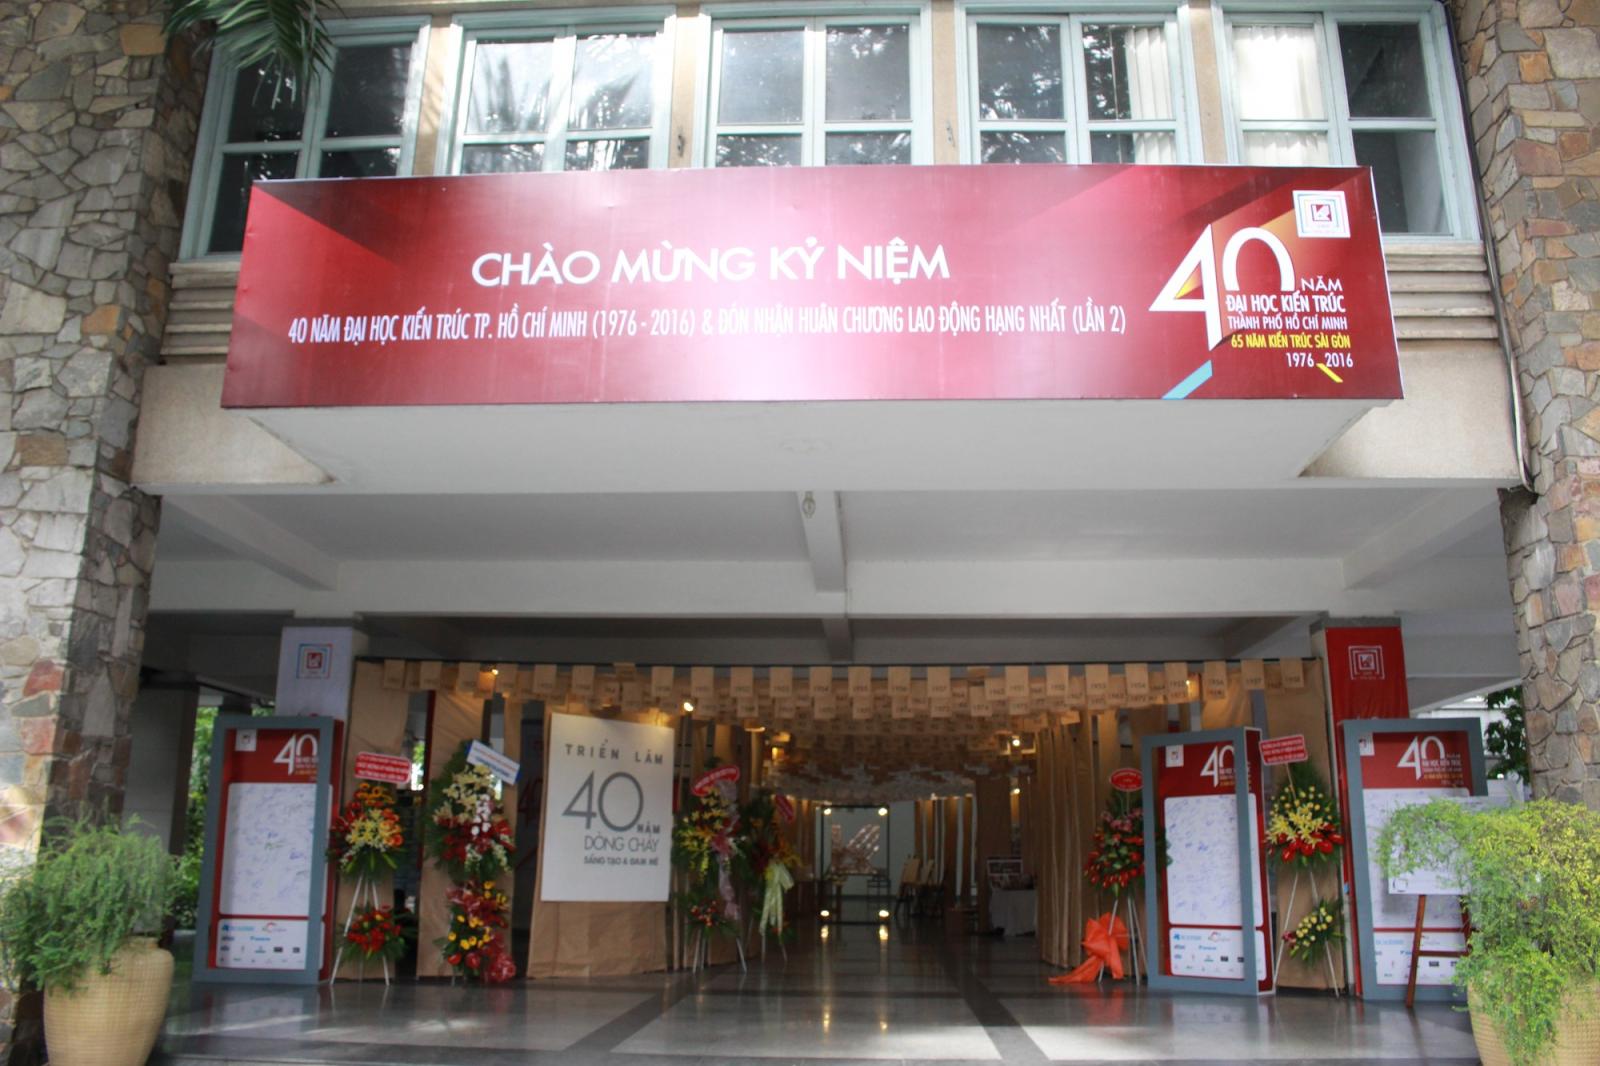 Đại học Kiến trúc Thành phố Hồ Chí Minh dịp kỷ niệm 40 năm thành lập (1976 -2016).